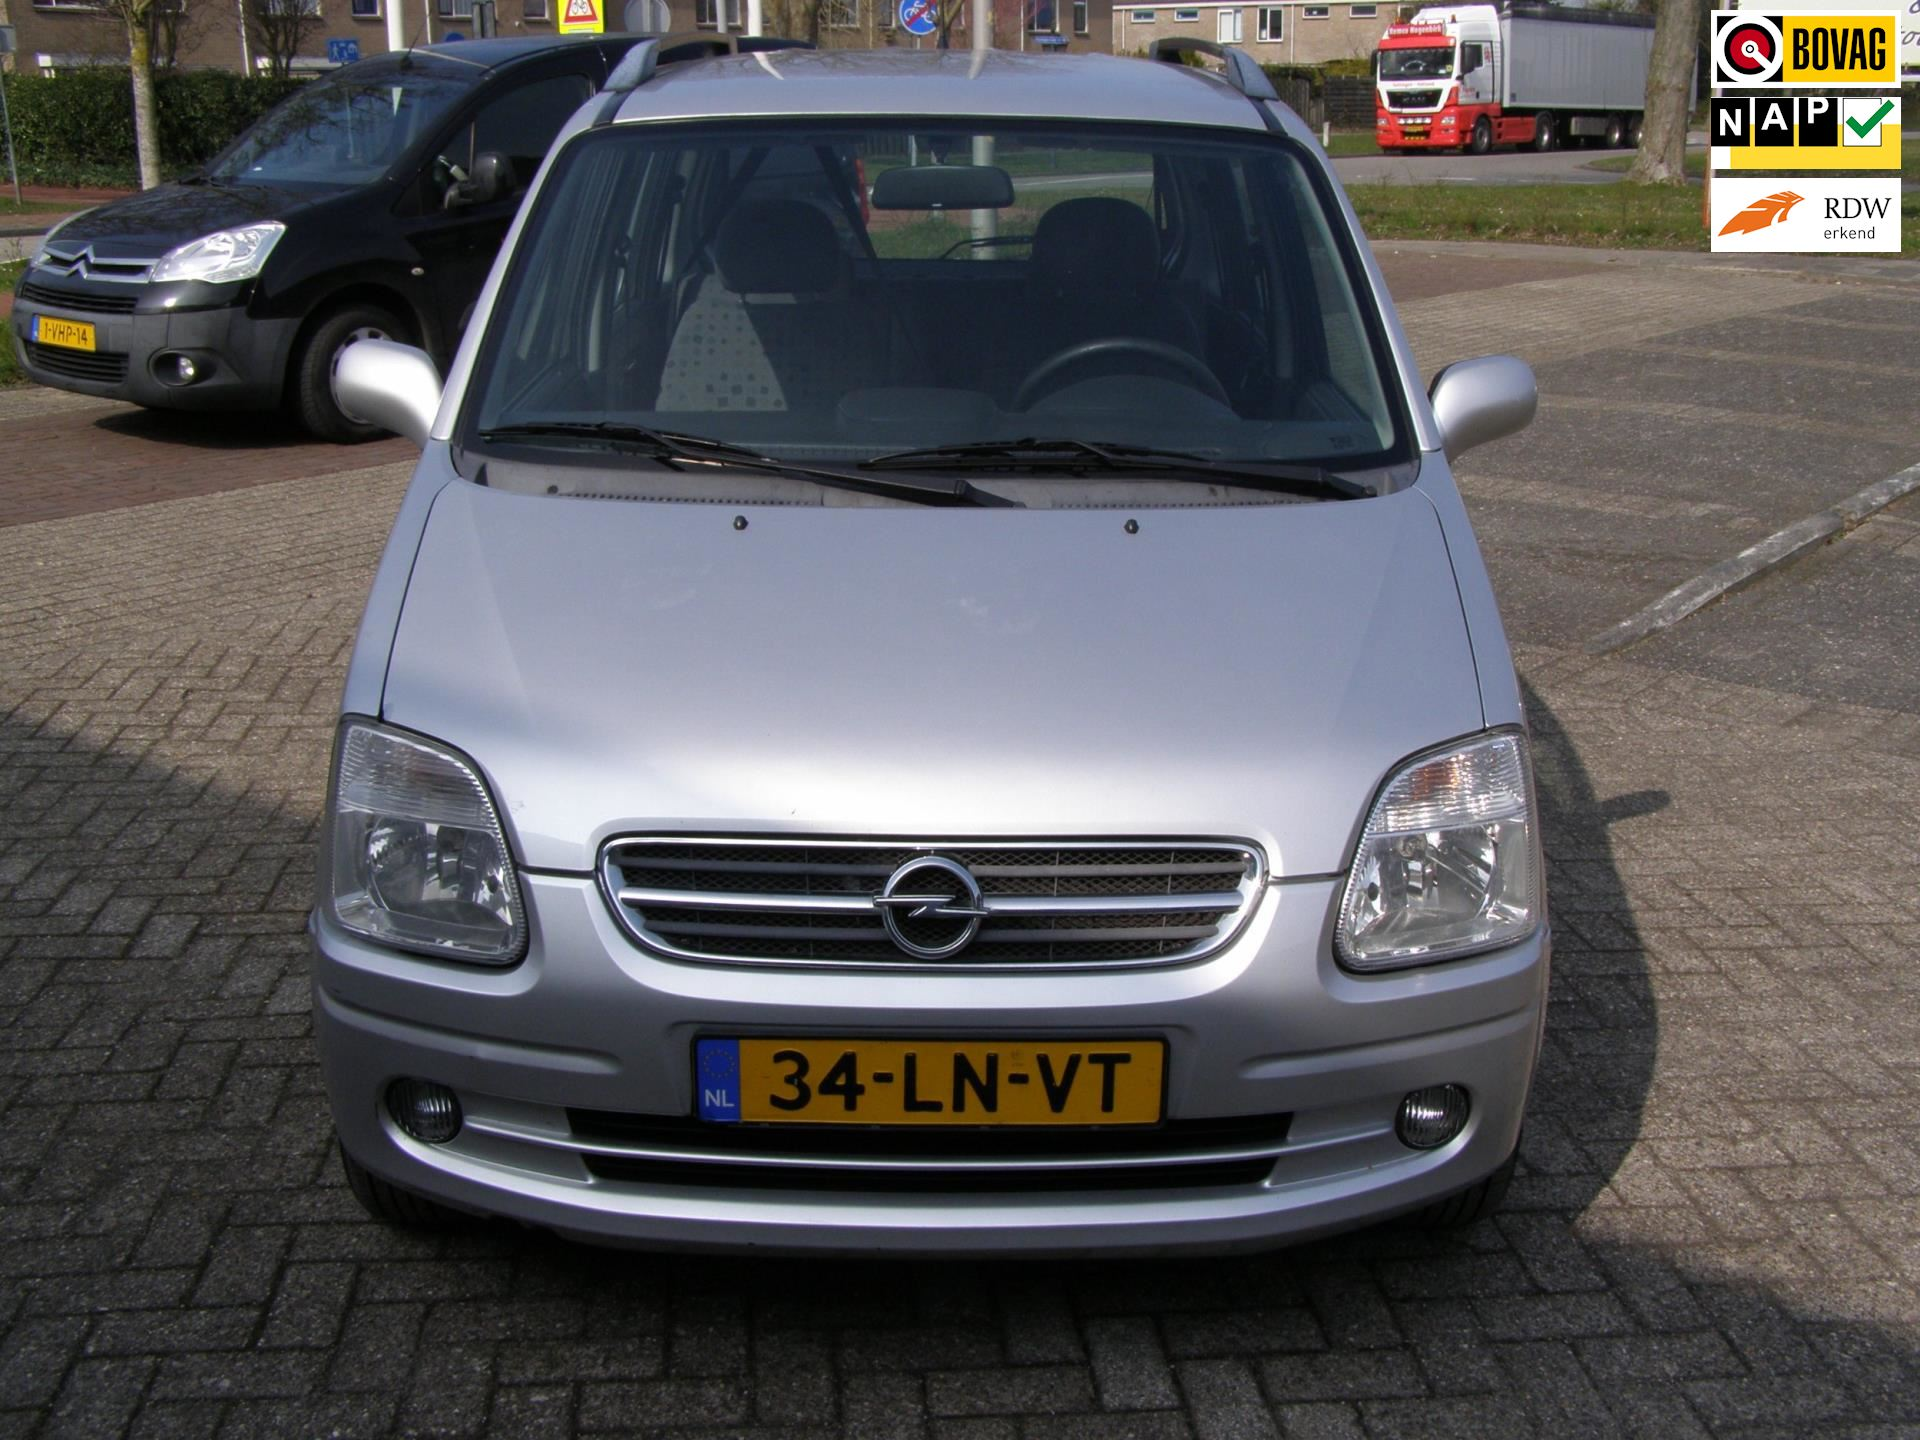 Opel Agila occasion - Occasion Centrum Lelystad